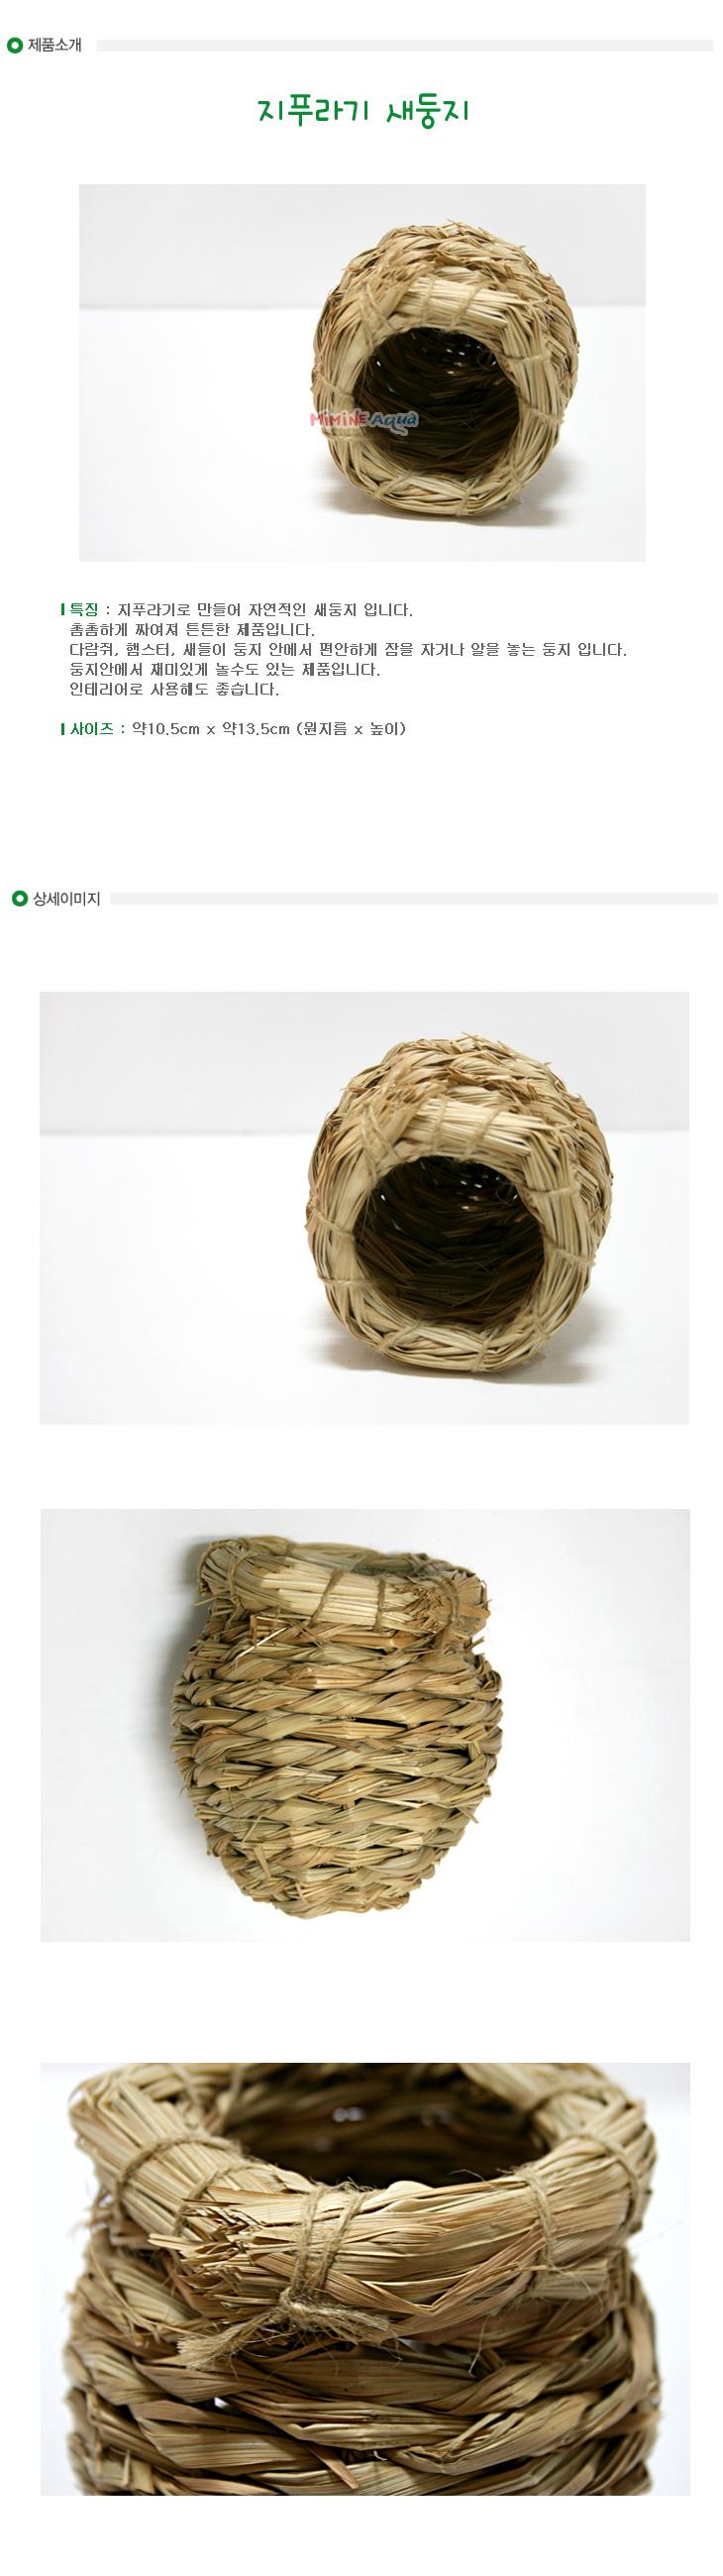 지푸라기 둥지 - (새부화 새알통 새둥지)2,500원-미미네아쿠아펫샵, 기타애완동물용품, 조류용품, 모이통/둥지바보사랑지푸라기 둥지 - (새부화 새알통 새둥지)2,500원-미미네아쿠아펫샵, 기타애완동물용품, 조류용품, 모이통/둥지바보사랑